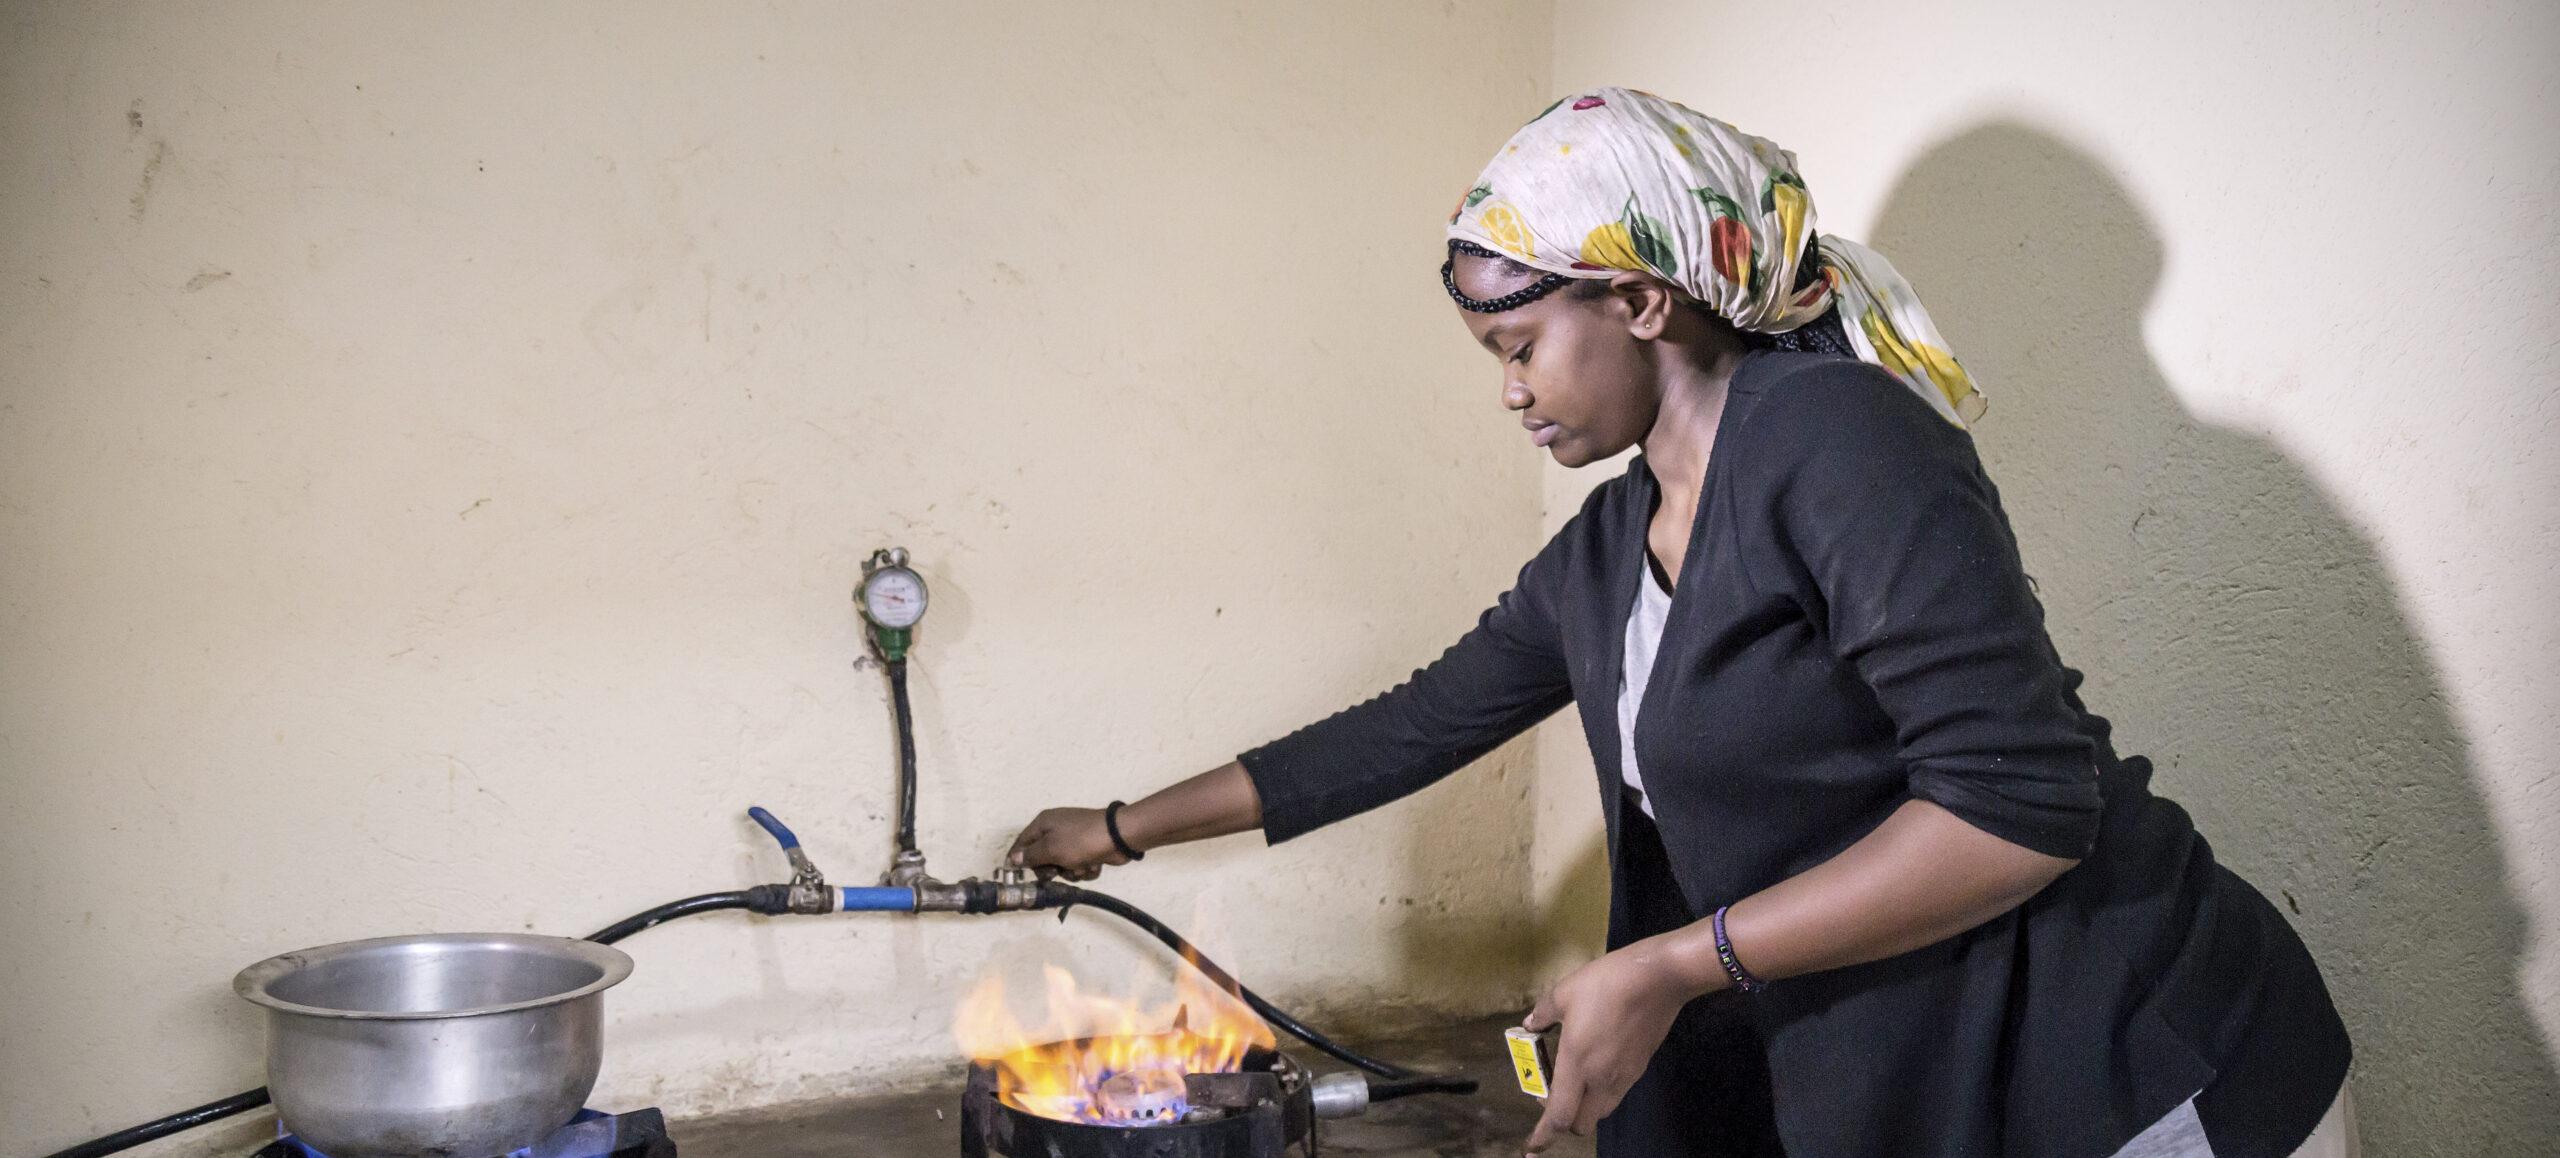 clean cooking biogas Uganda